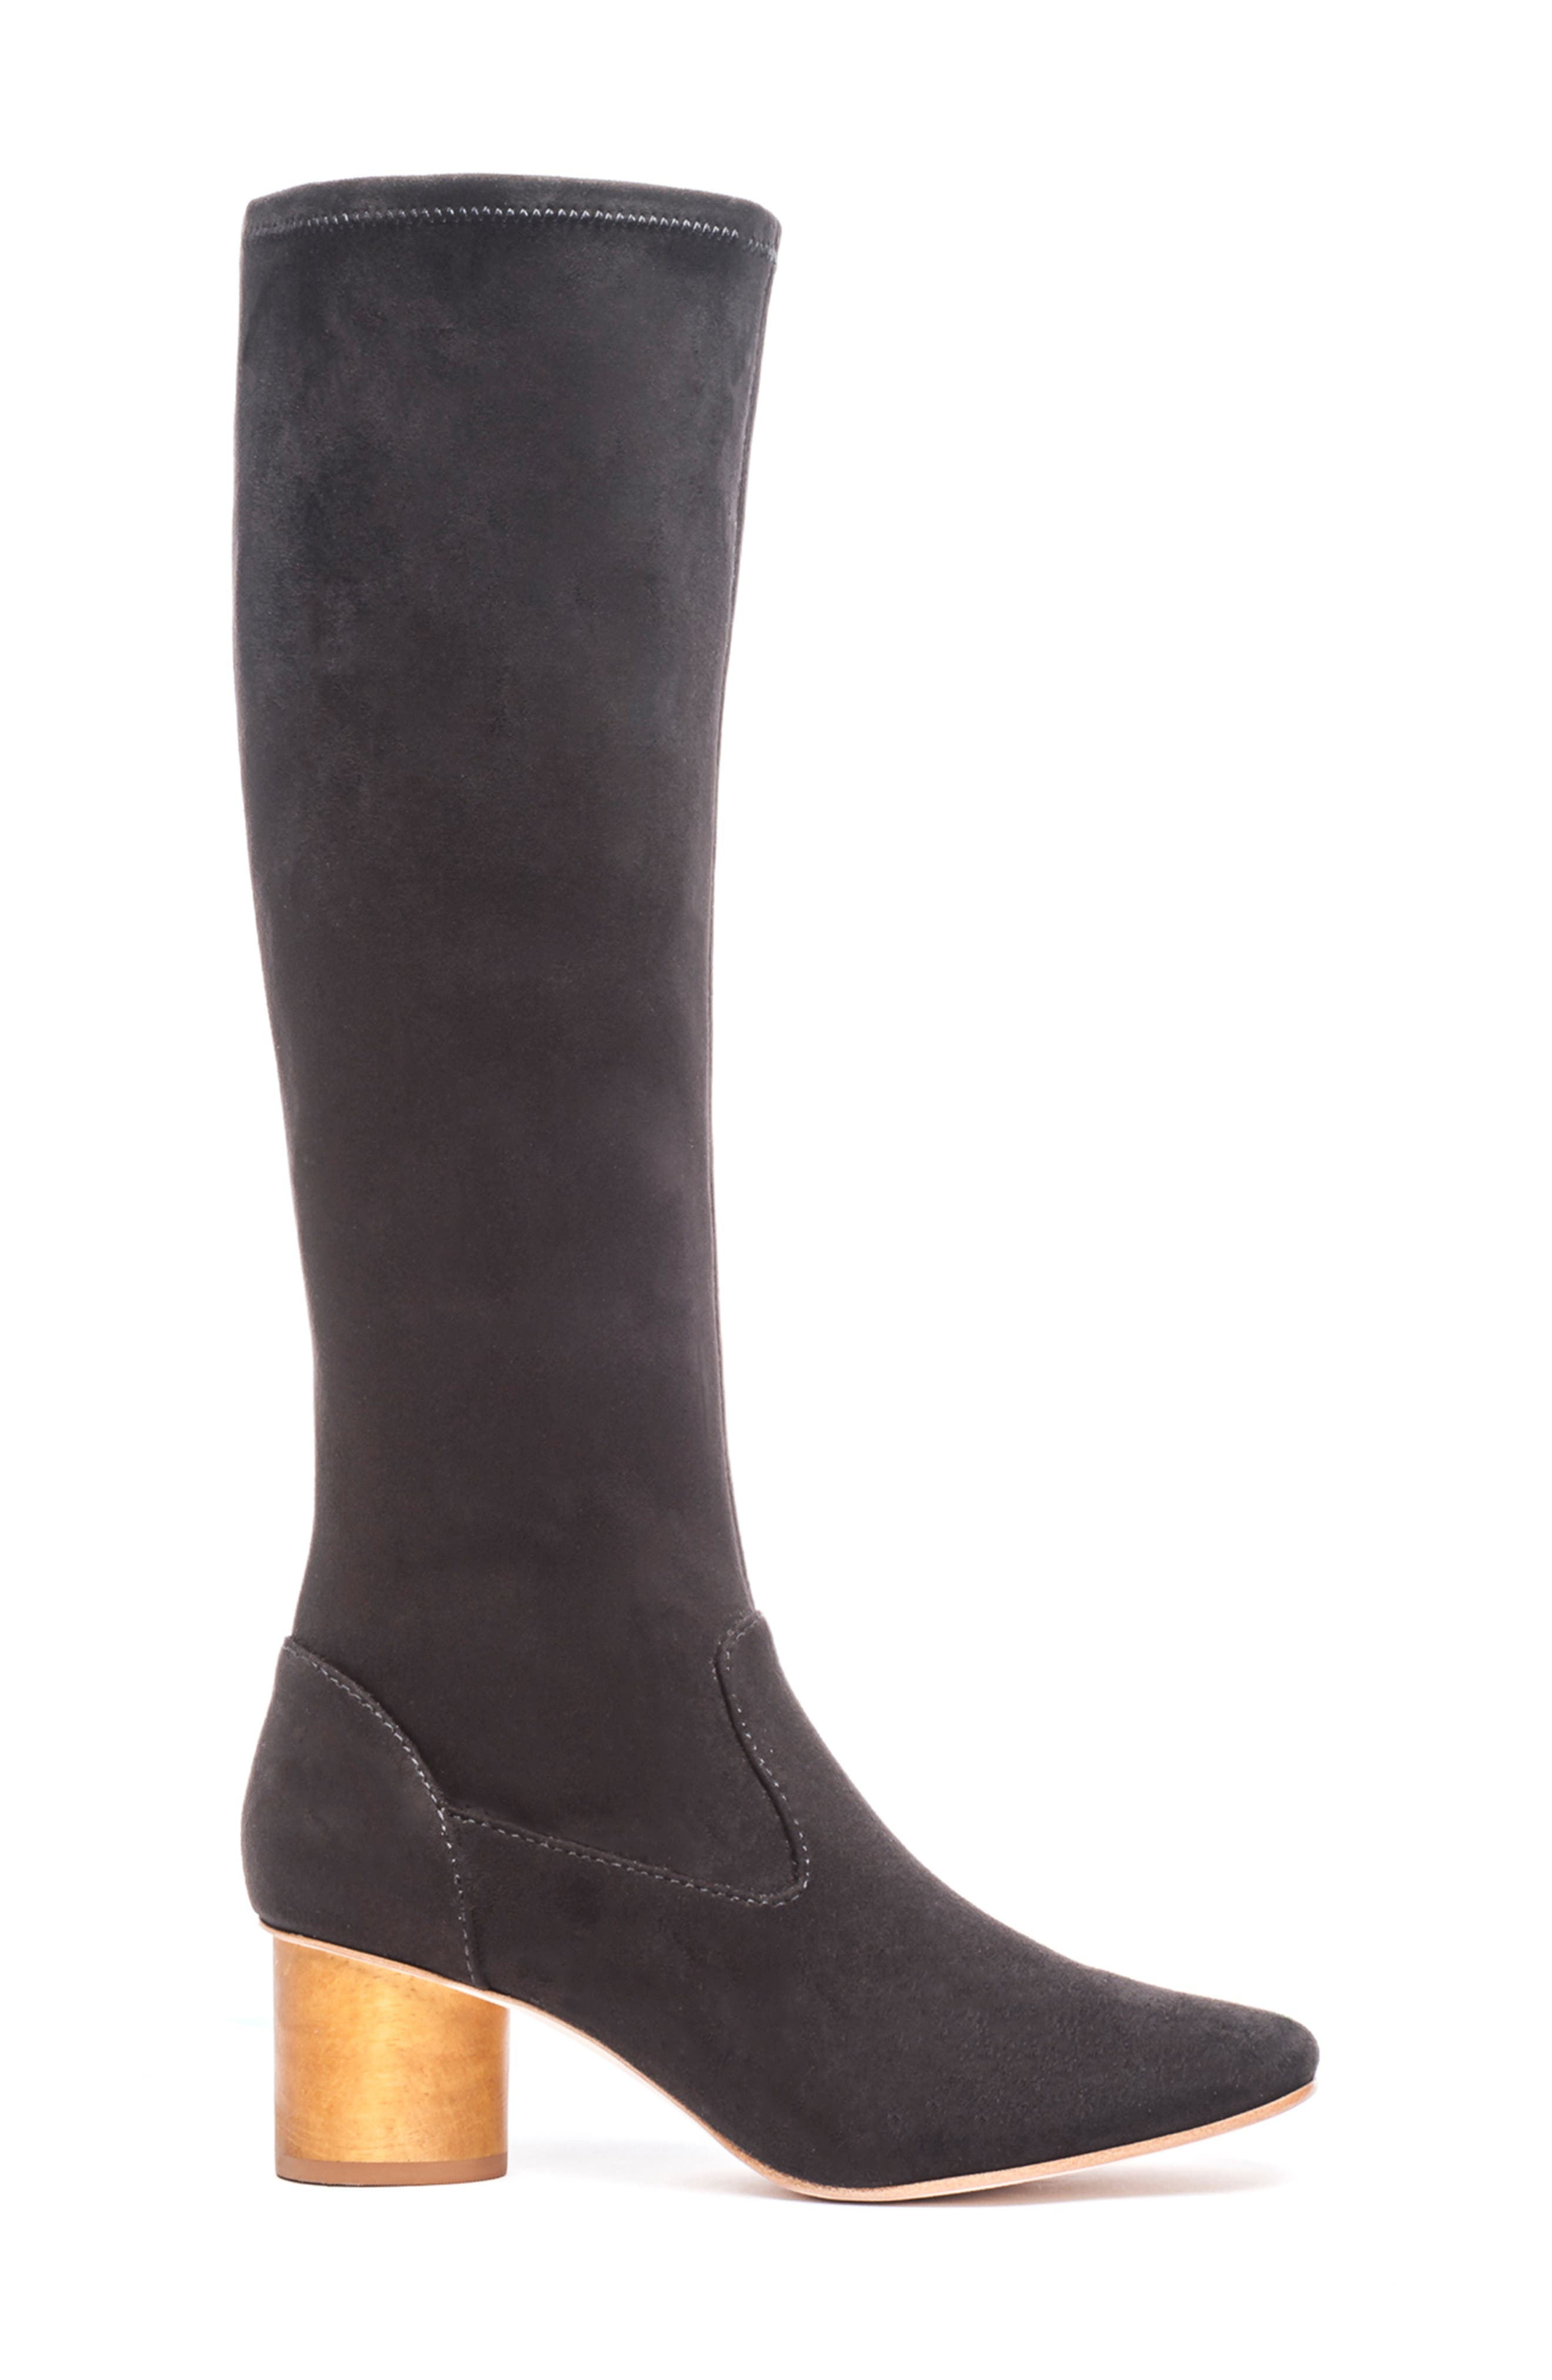 BERNARDO, Knee High Boot, Alternate thumbnail 3, color, BLACK LEATHER